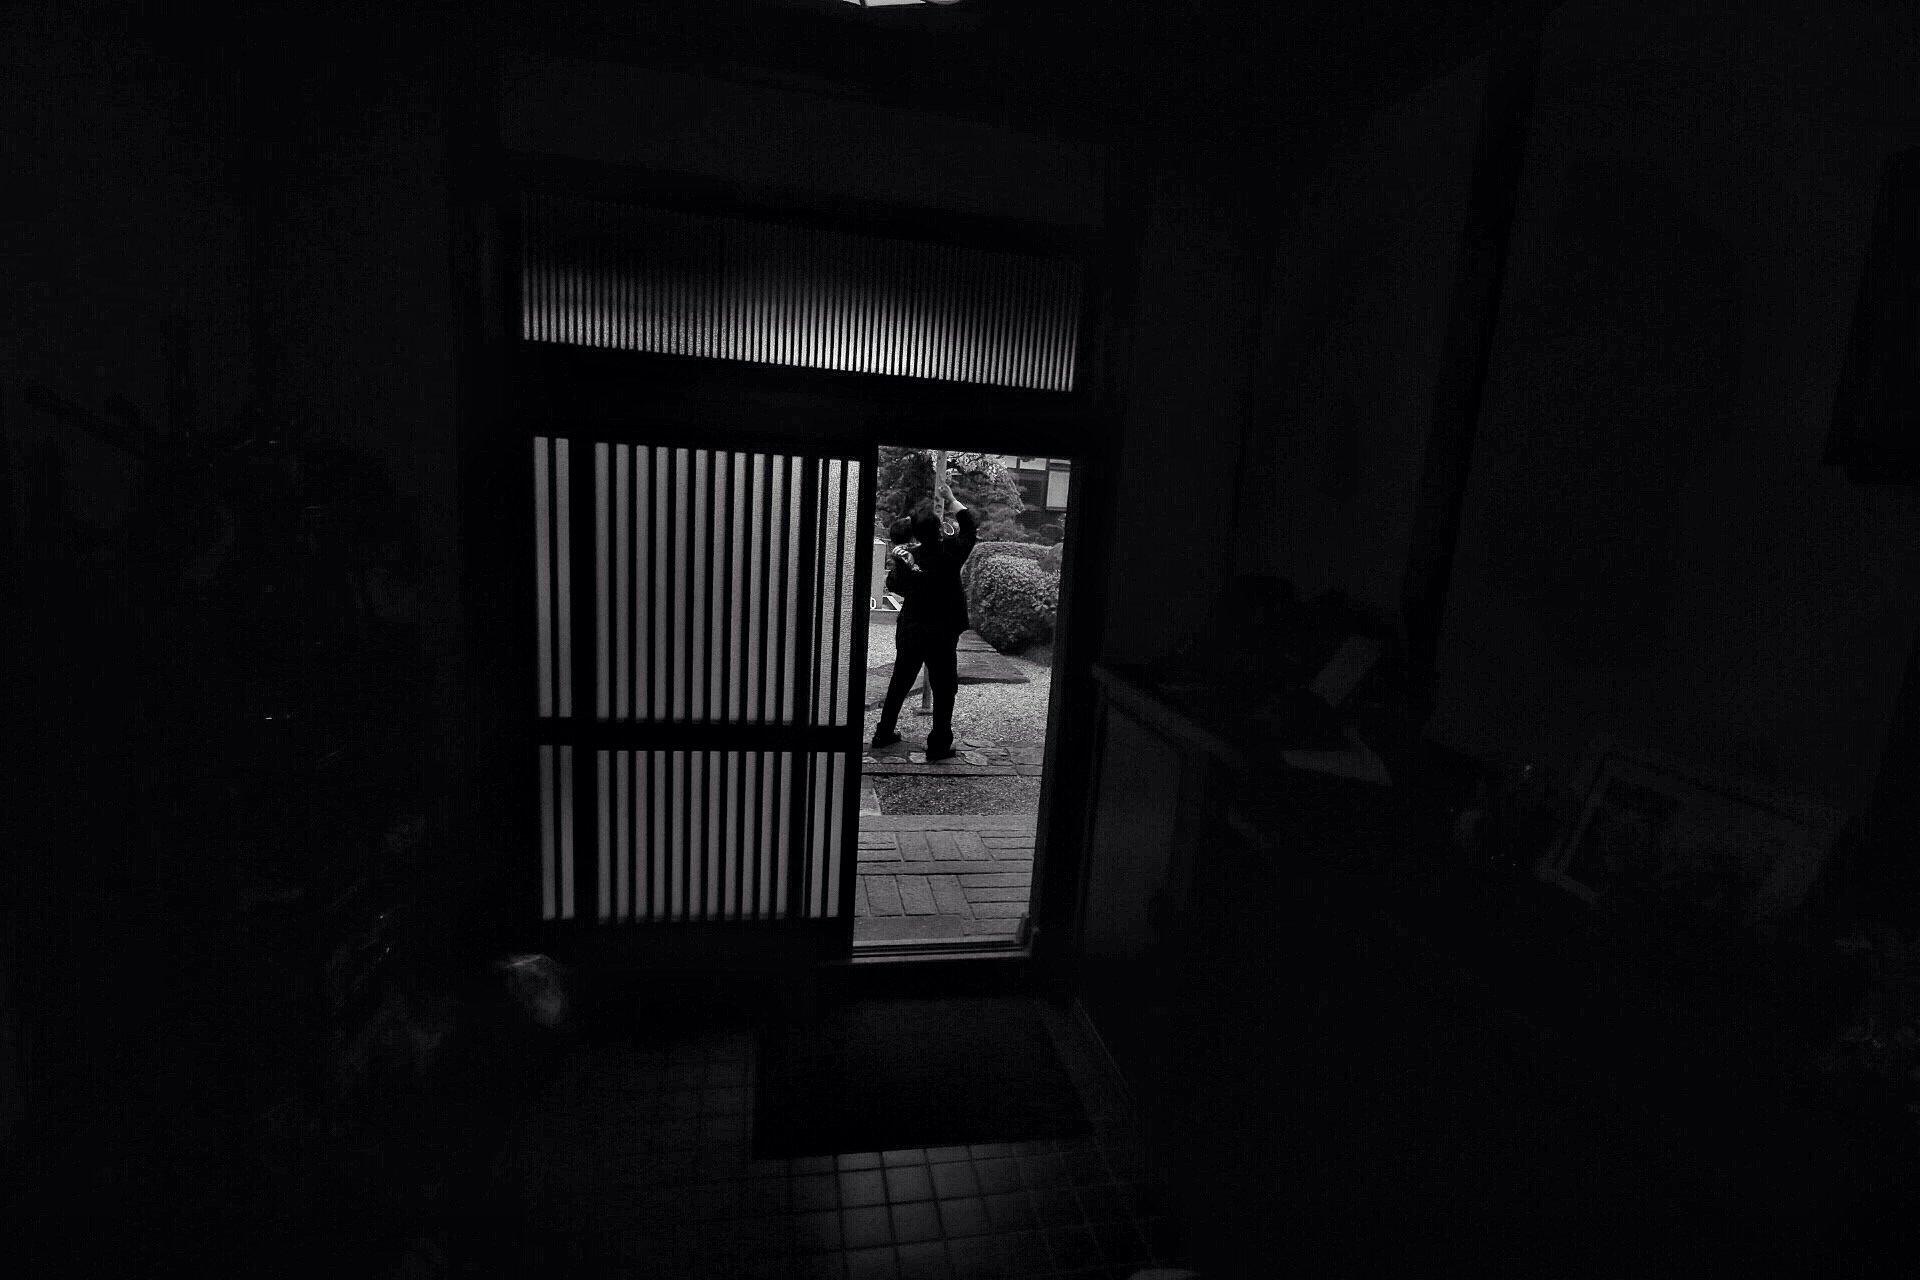 hyotan-yama-temple-foto-blog-kasuma